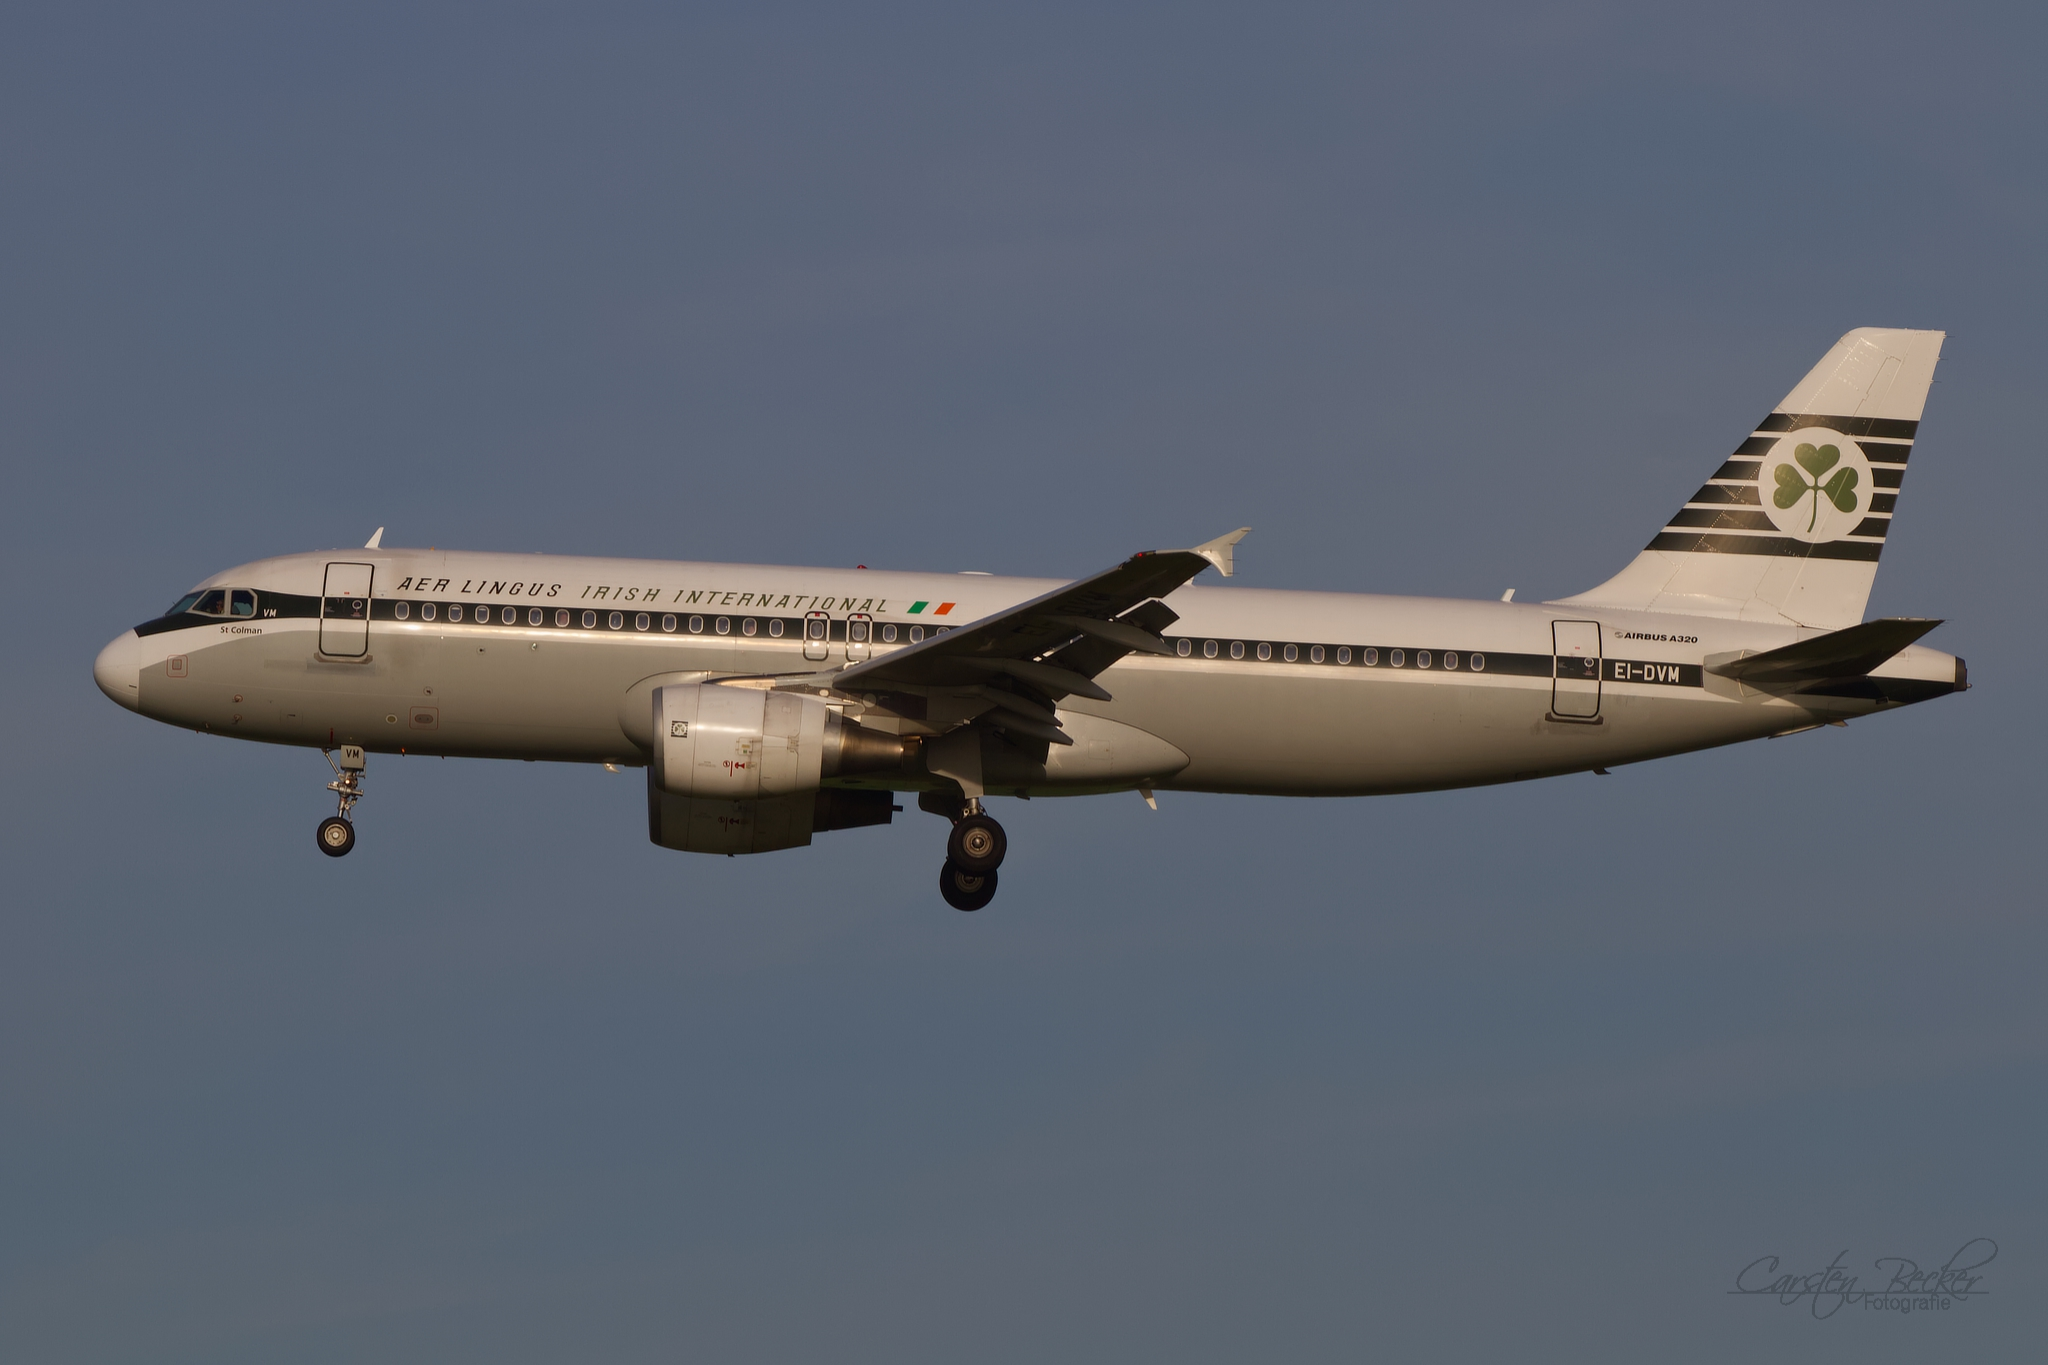 Aer Lingus A320 EI-DVM Retro